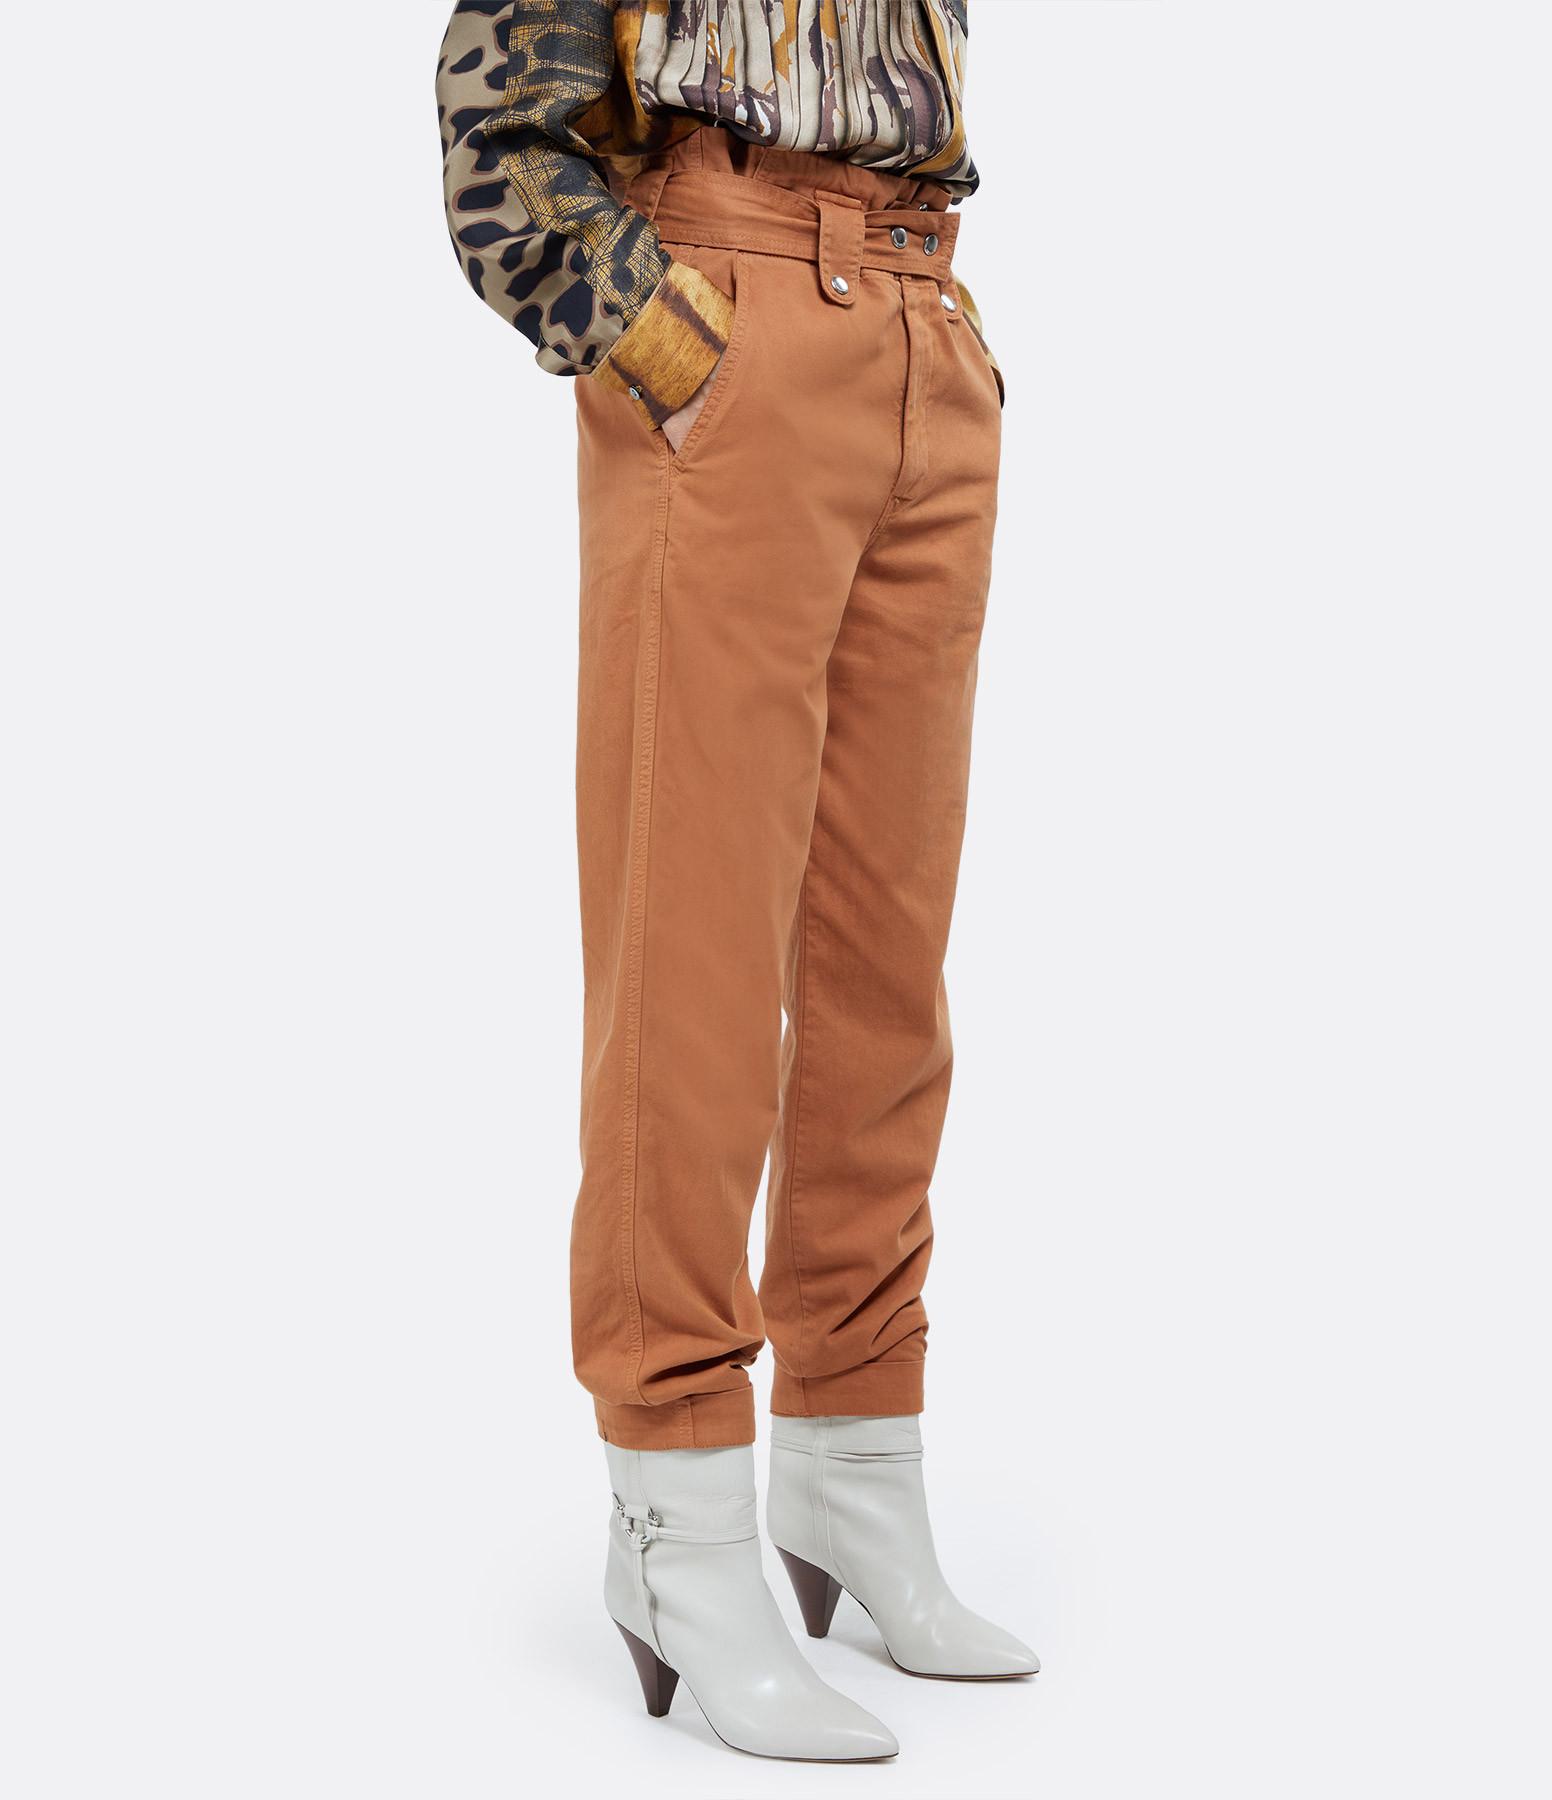 OVERLOVER - Pantalon Jesse Miel